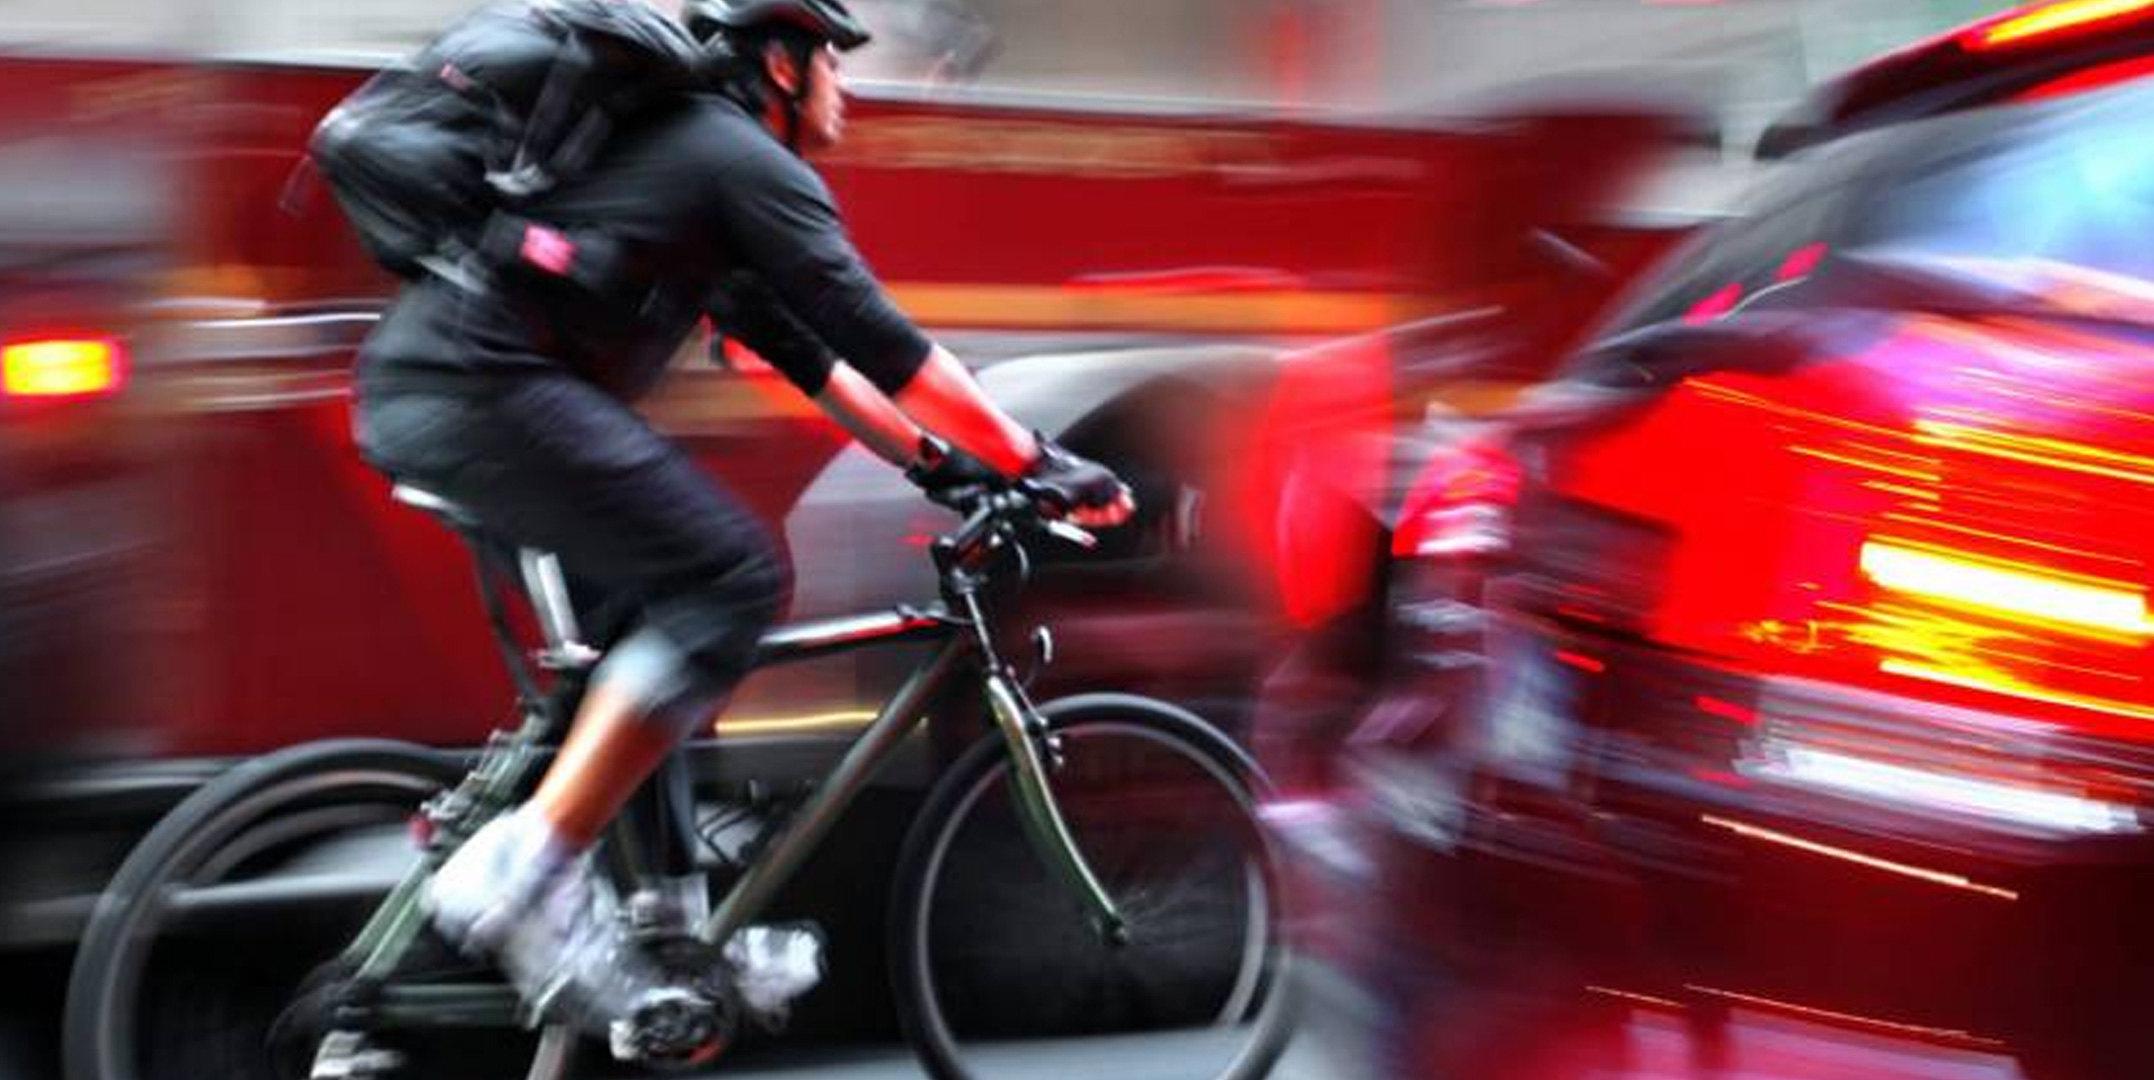 Bici: le accortezze per pedalare più sicuri in strada